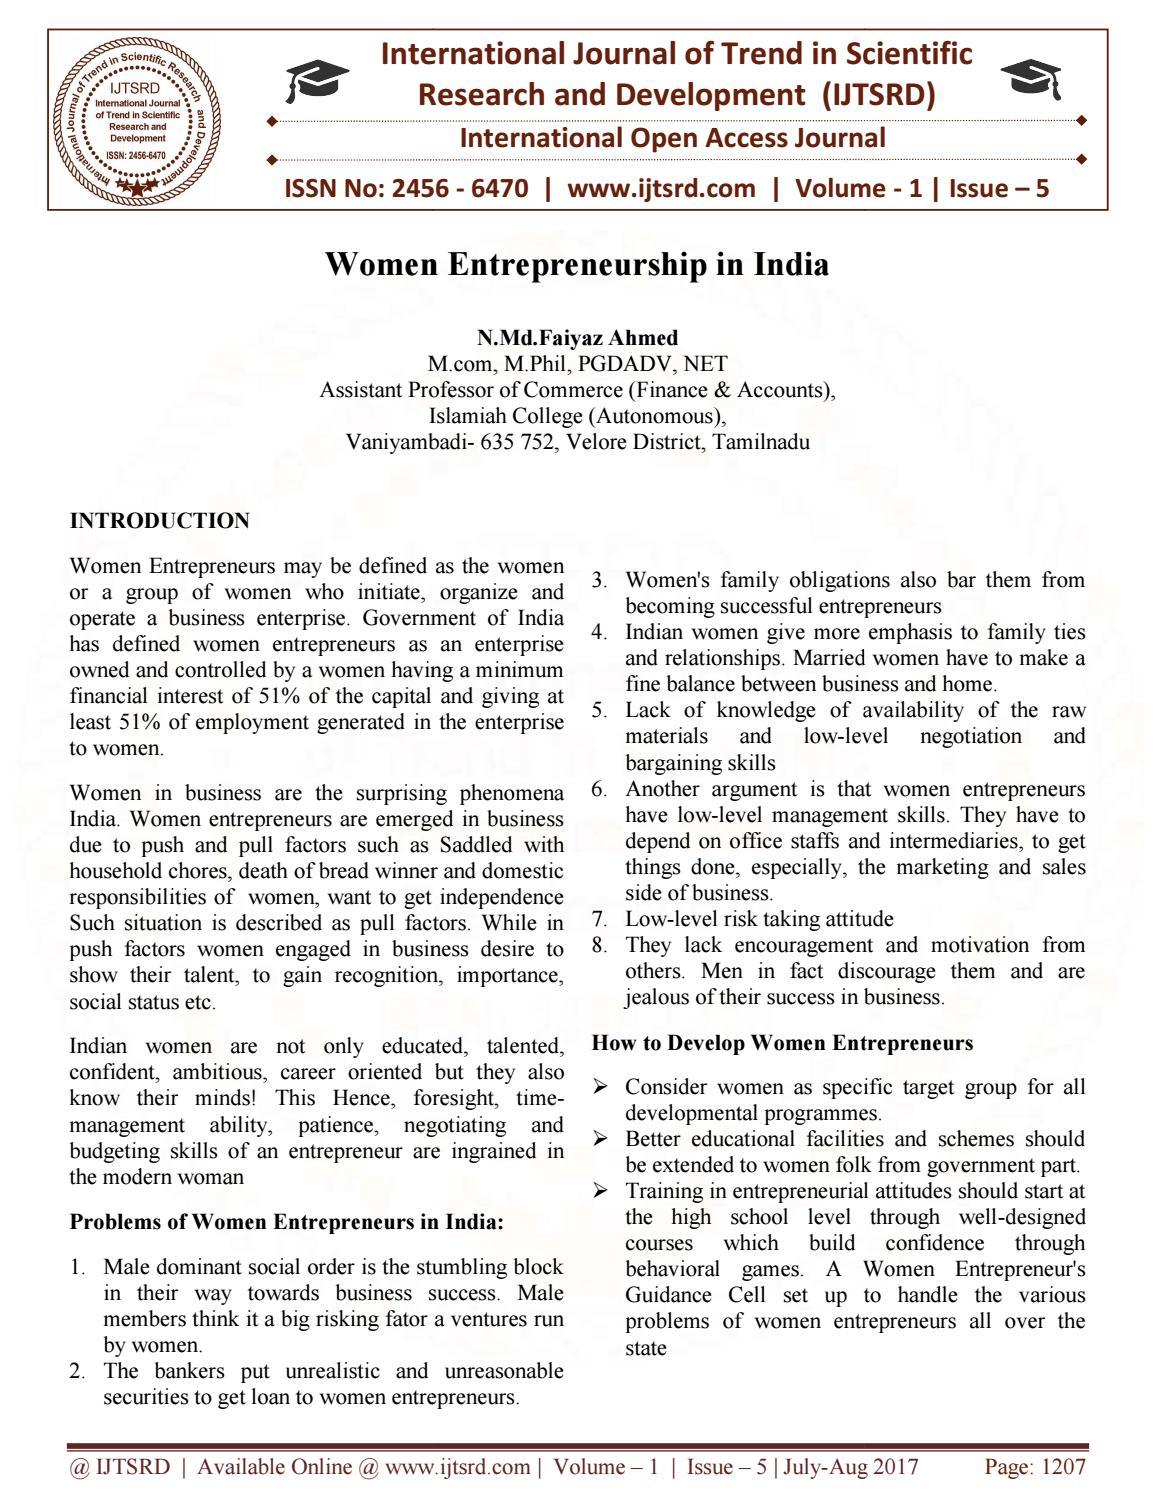 Women Entrepreneurship in India by International Journal of